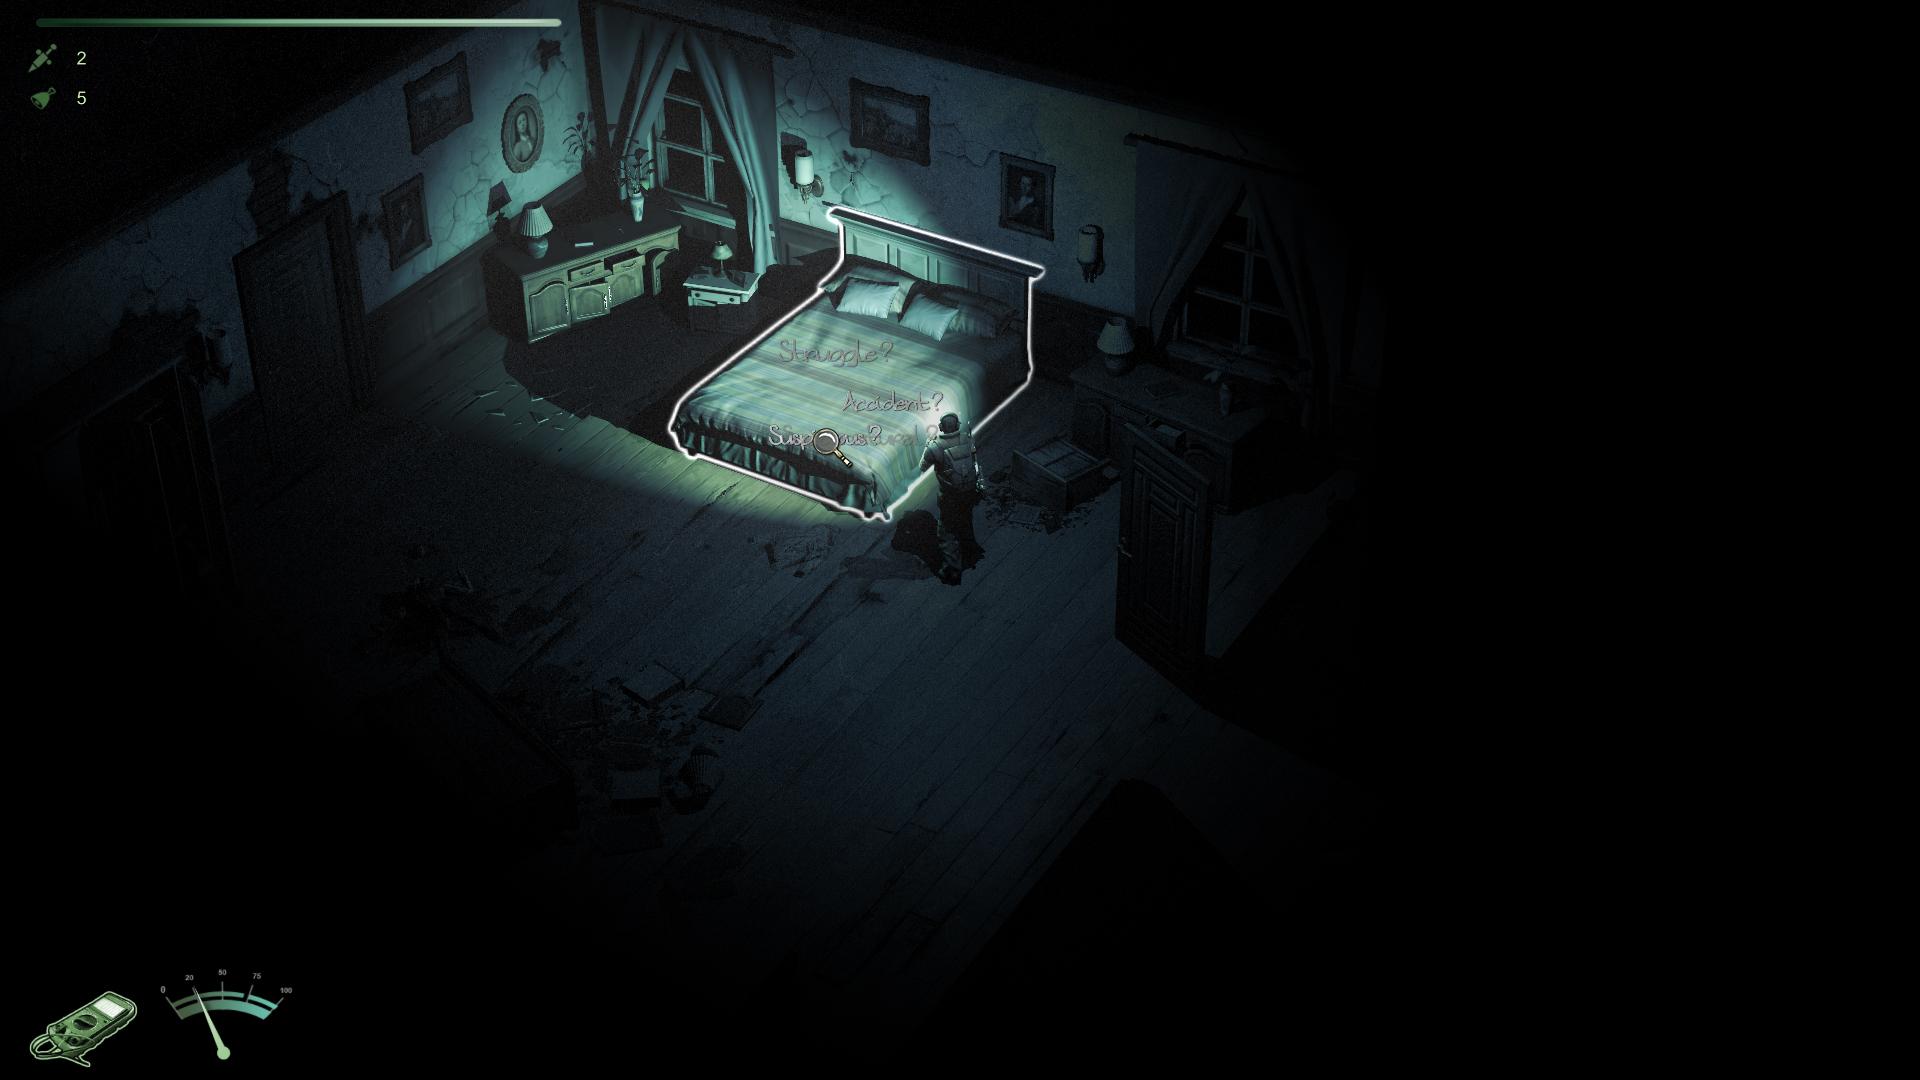 hellsign-pc-screenshot-4